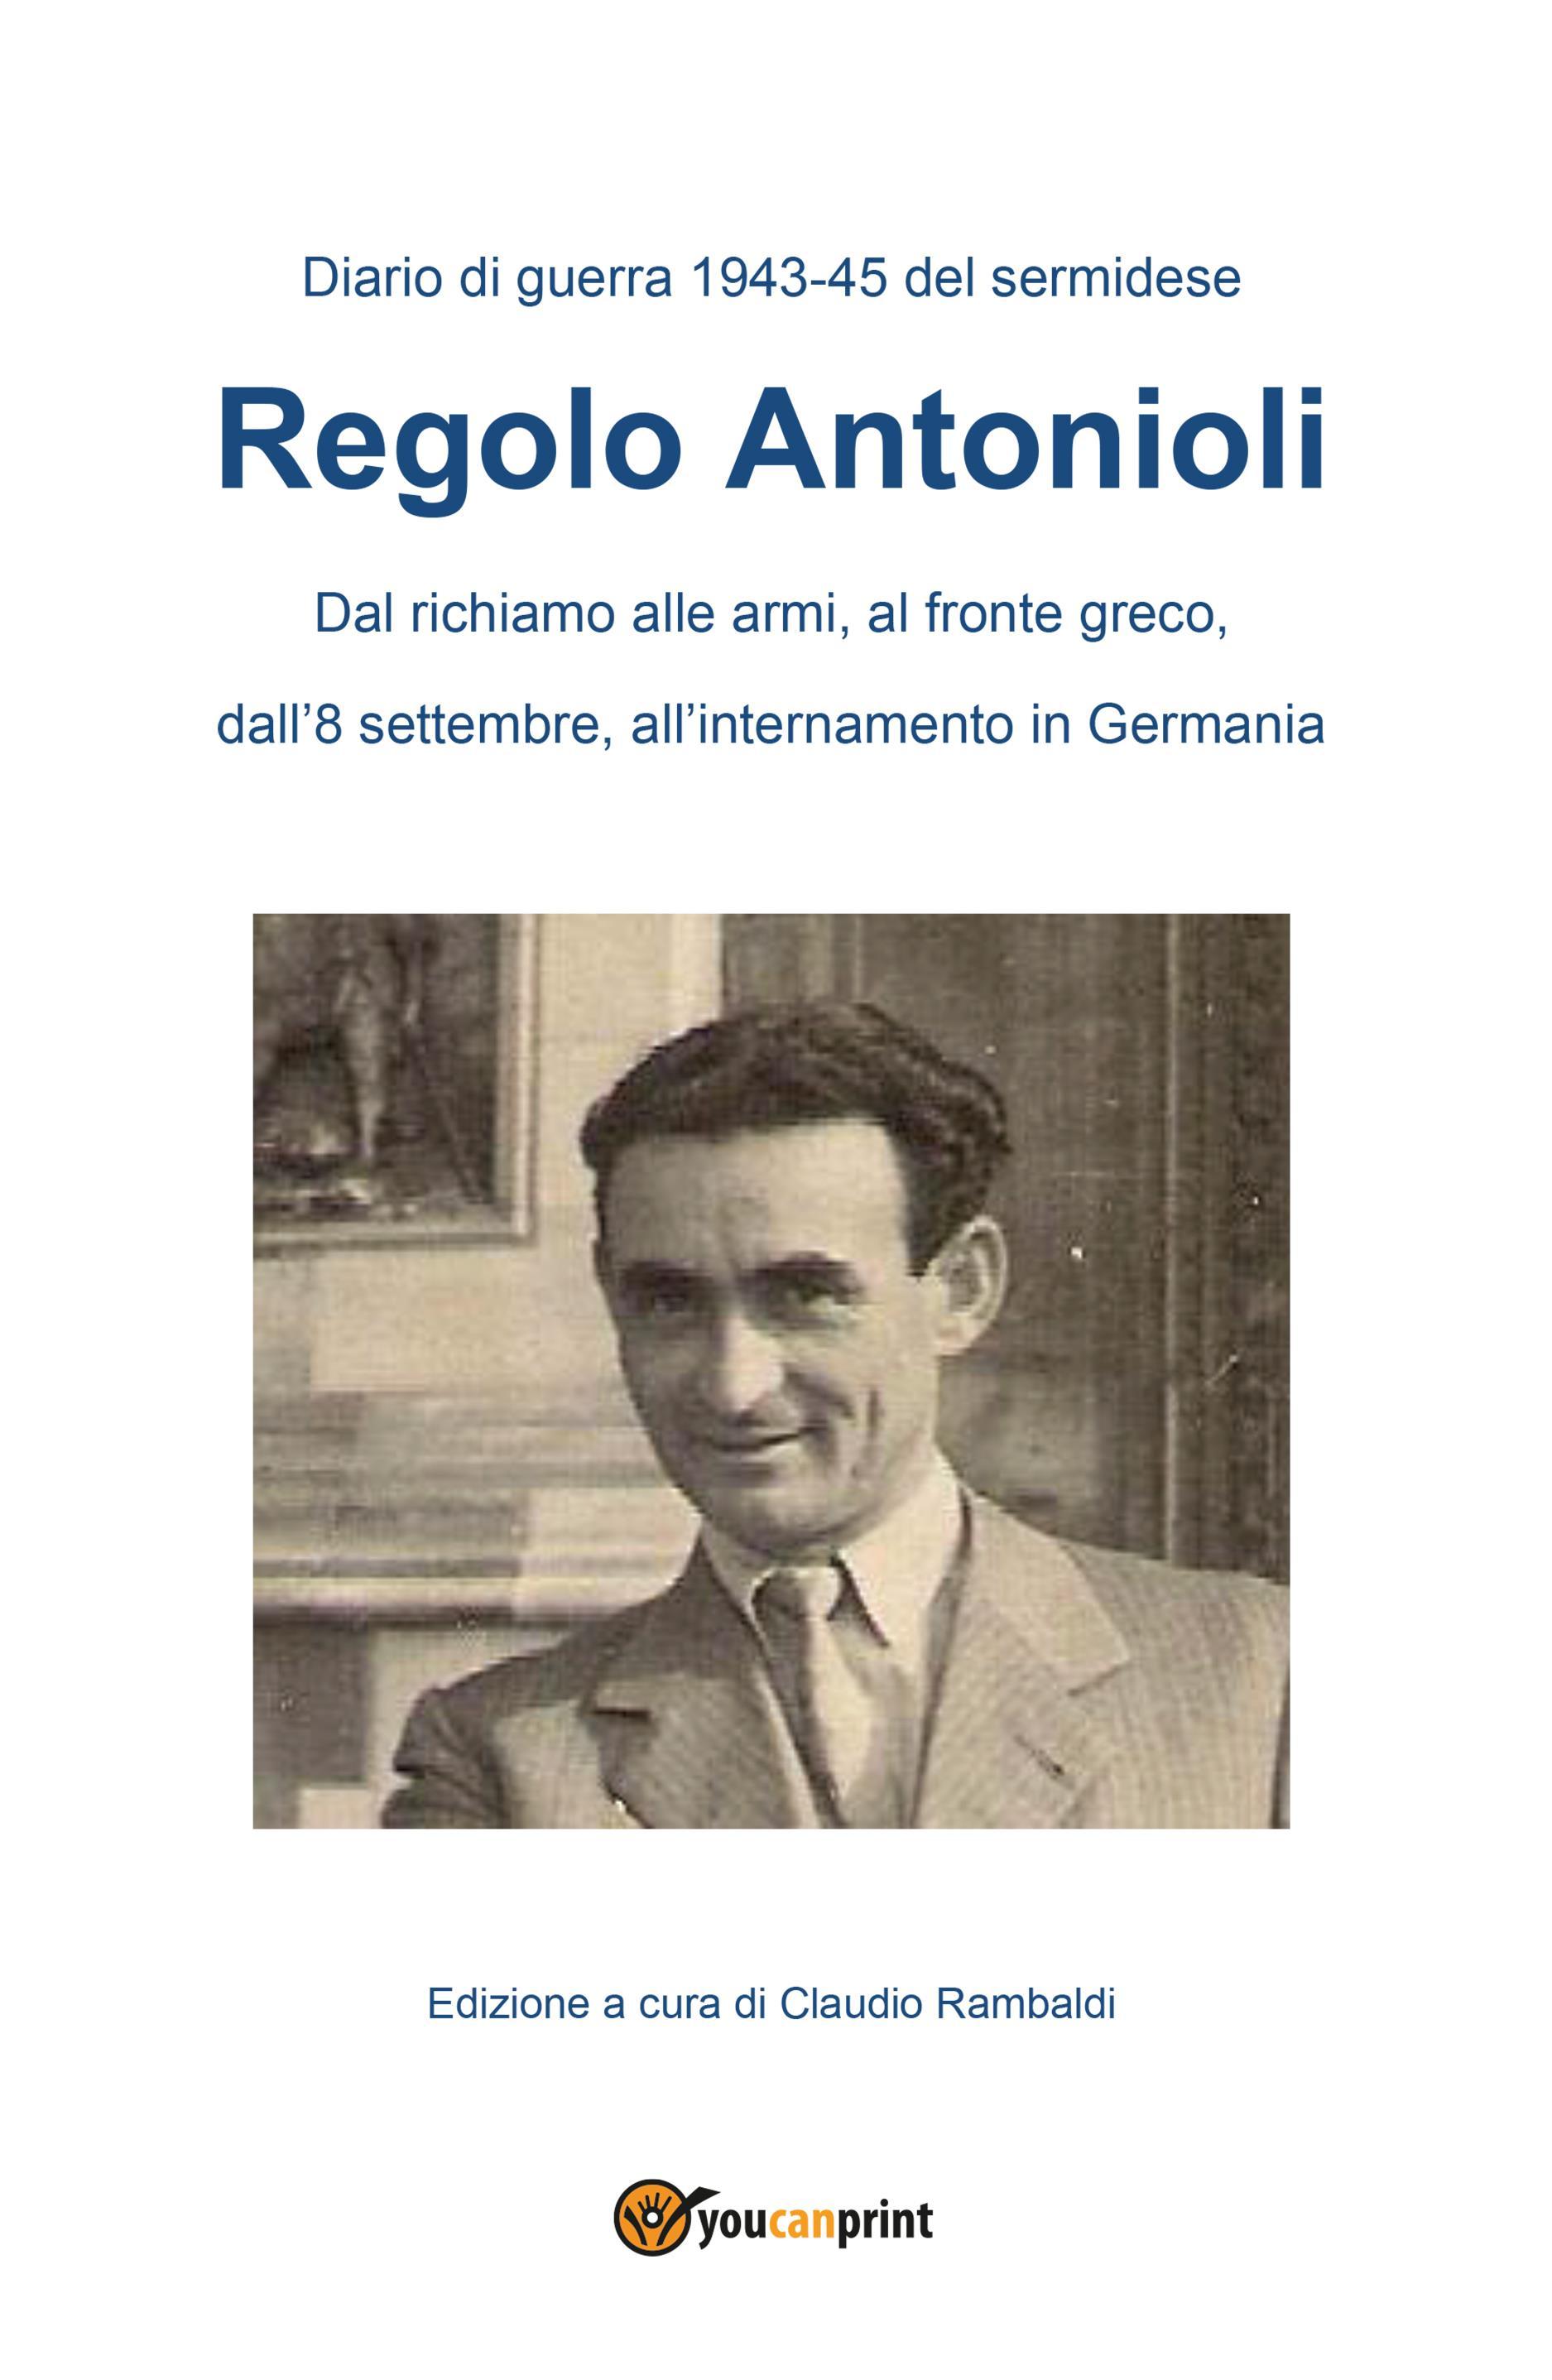 Diario di guerra 1943.45 del sermidese Regolo Antonioli